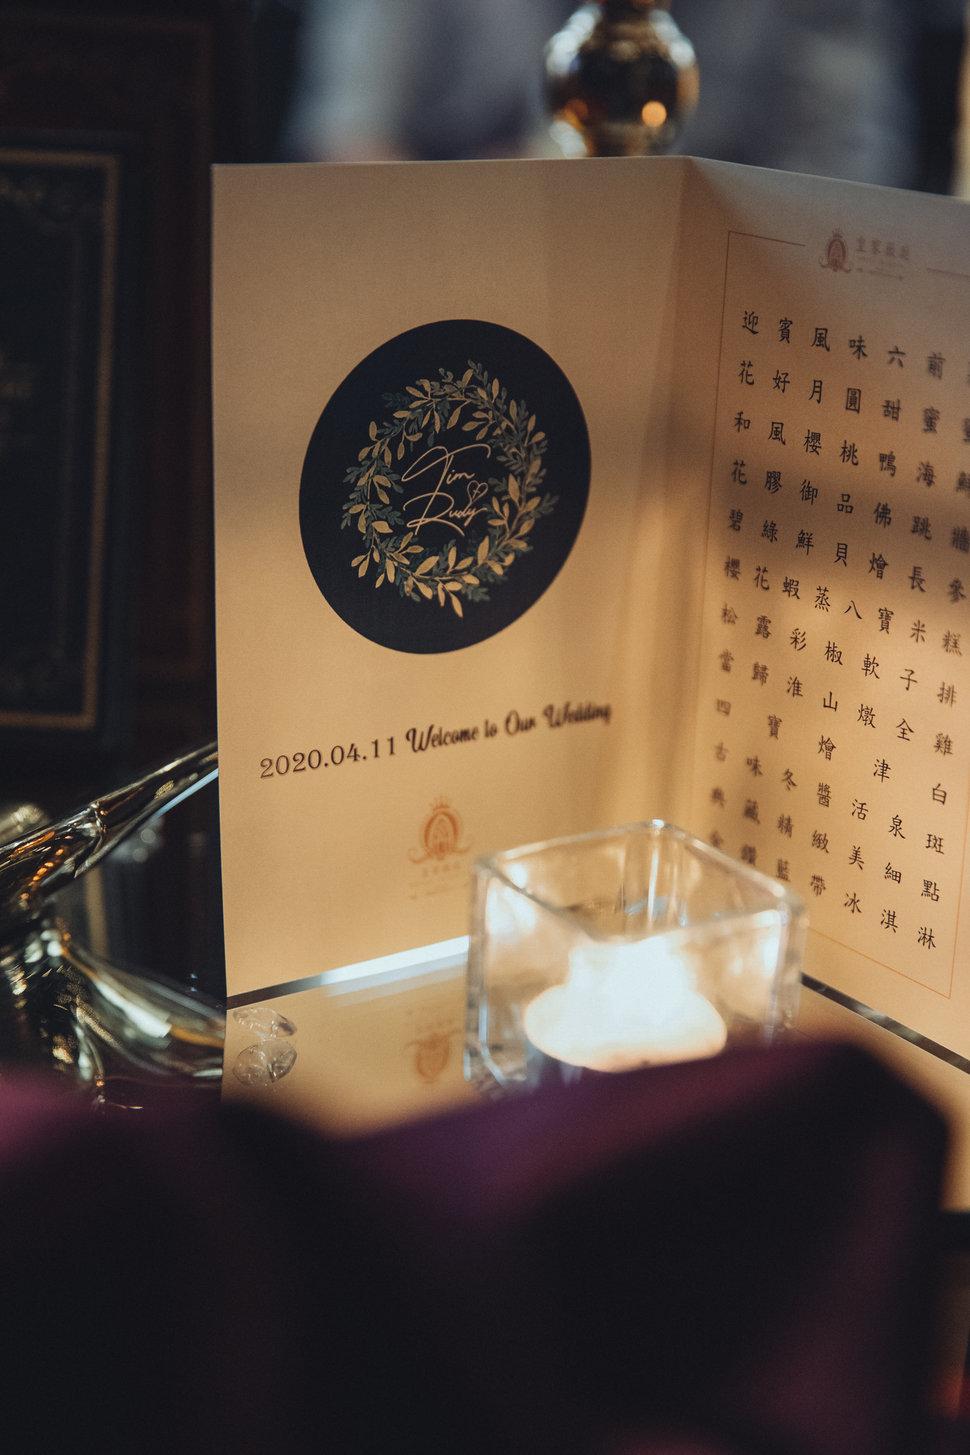 20200411-20200411-QUAN0913 - QUAN  婚禮紀錄 / 影像工作室《結婚吧》